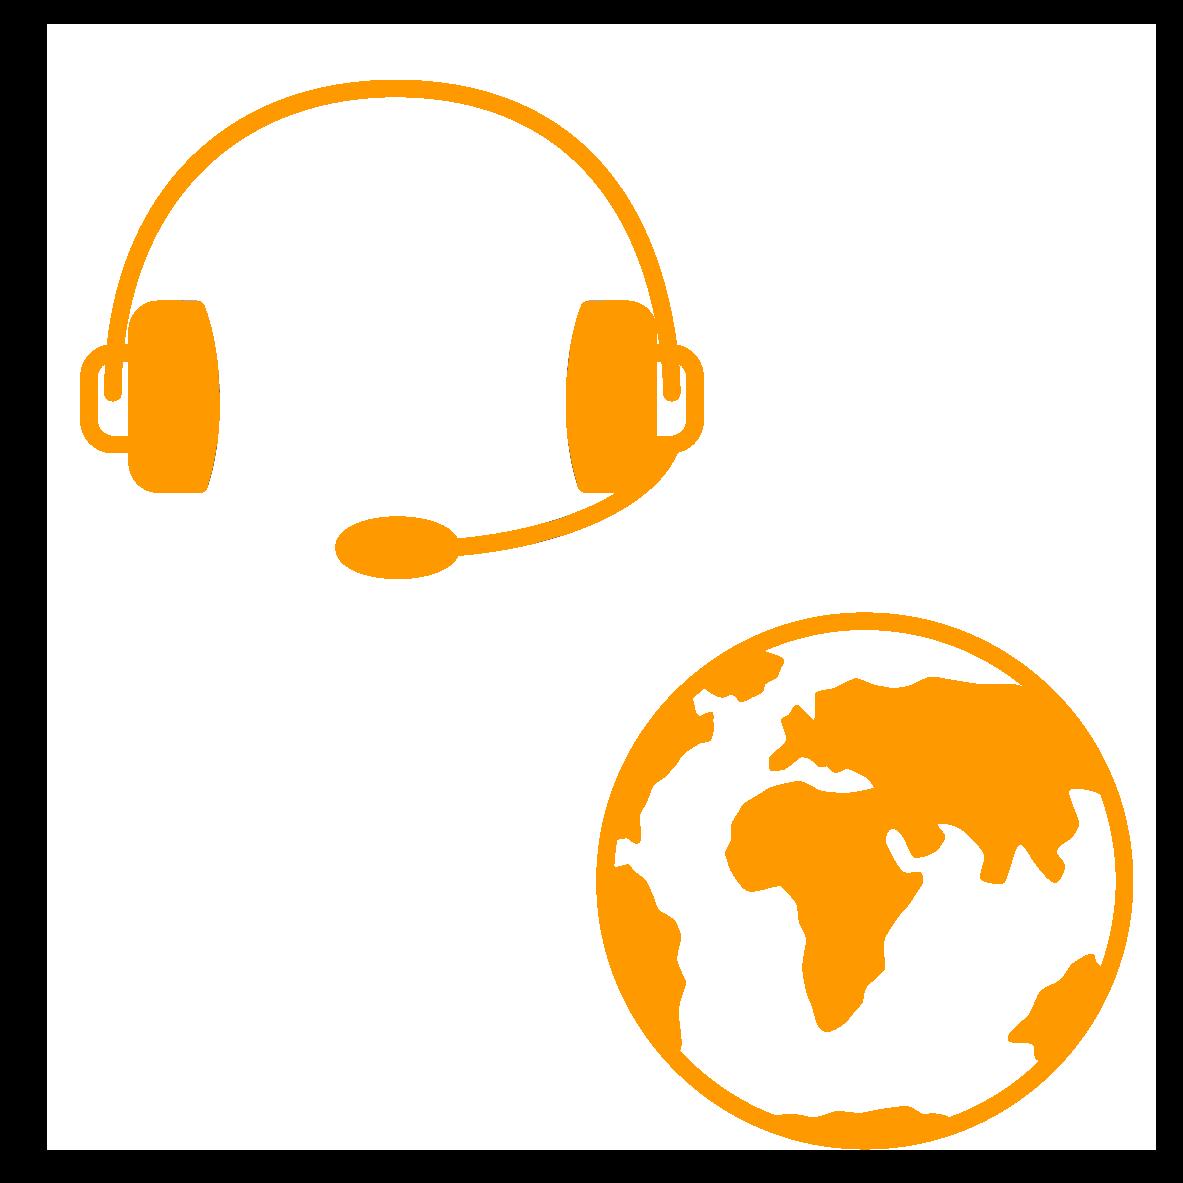 Übersetzungsagentur ALLESPRACHEN - treten Sie in Kontakt